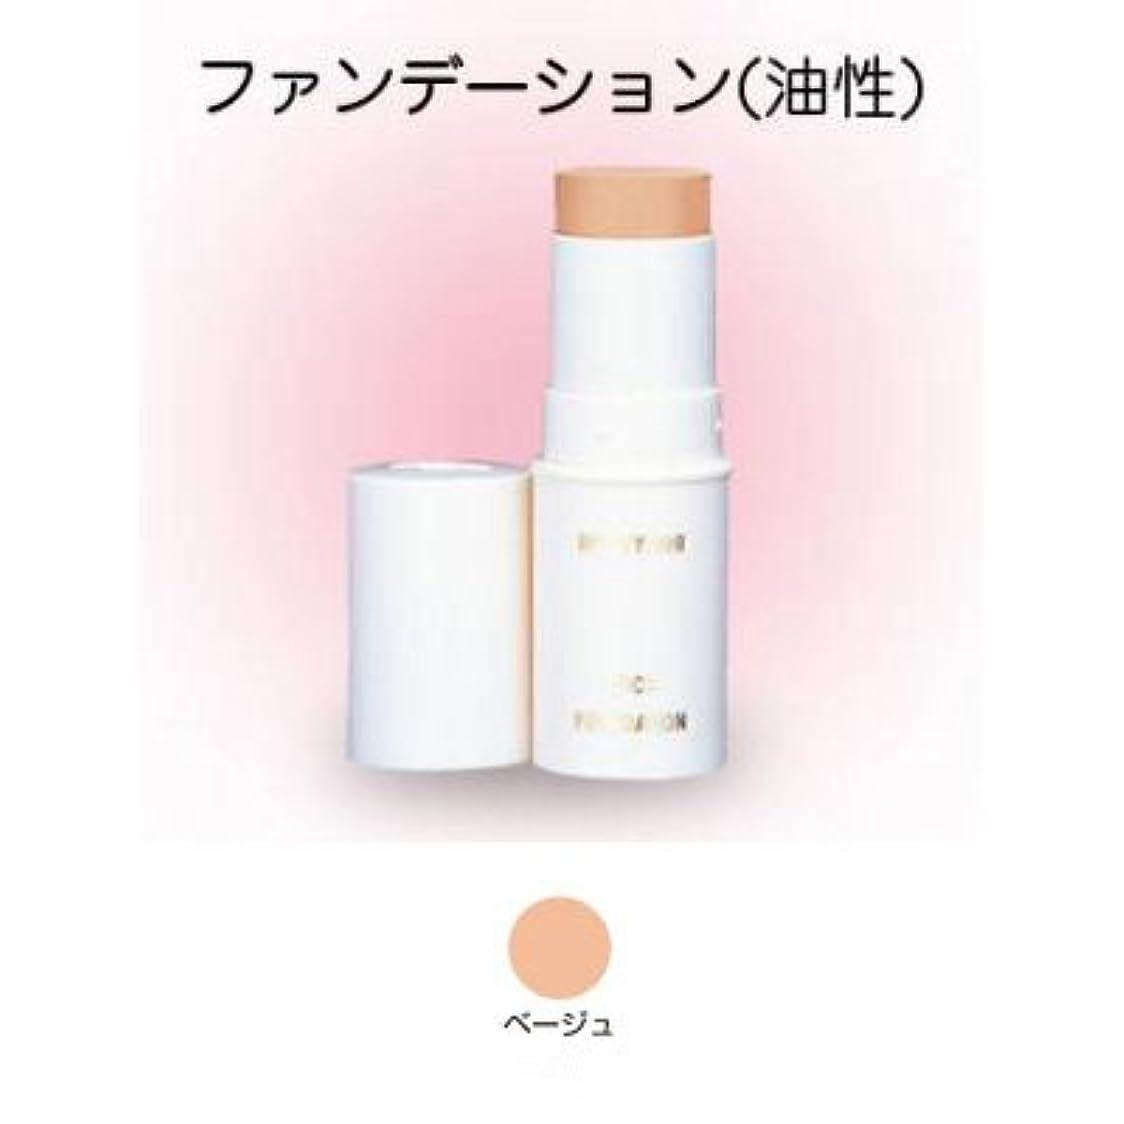 スティックファンデーション 16g ベージュ 【三善】